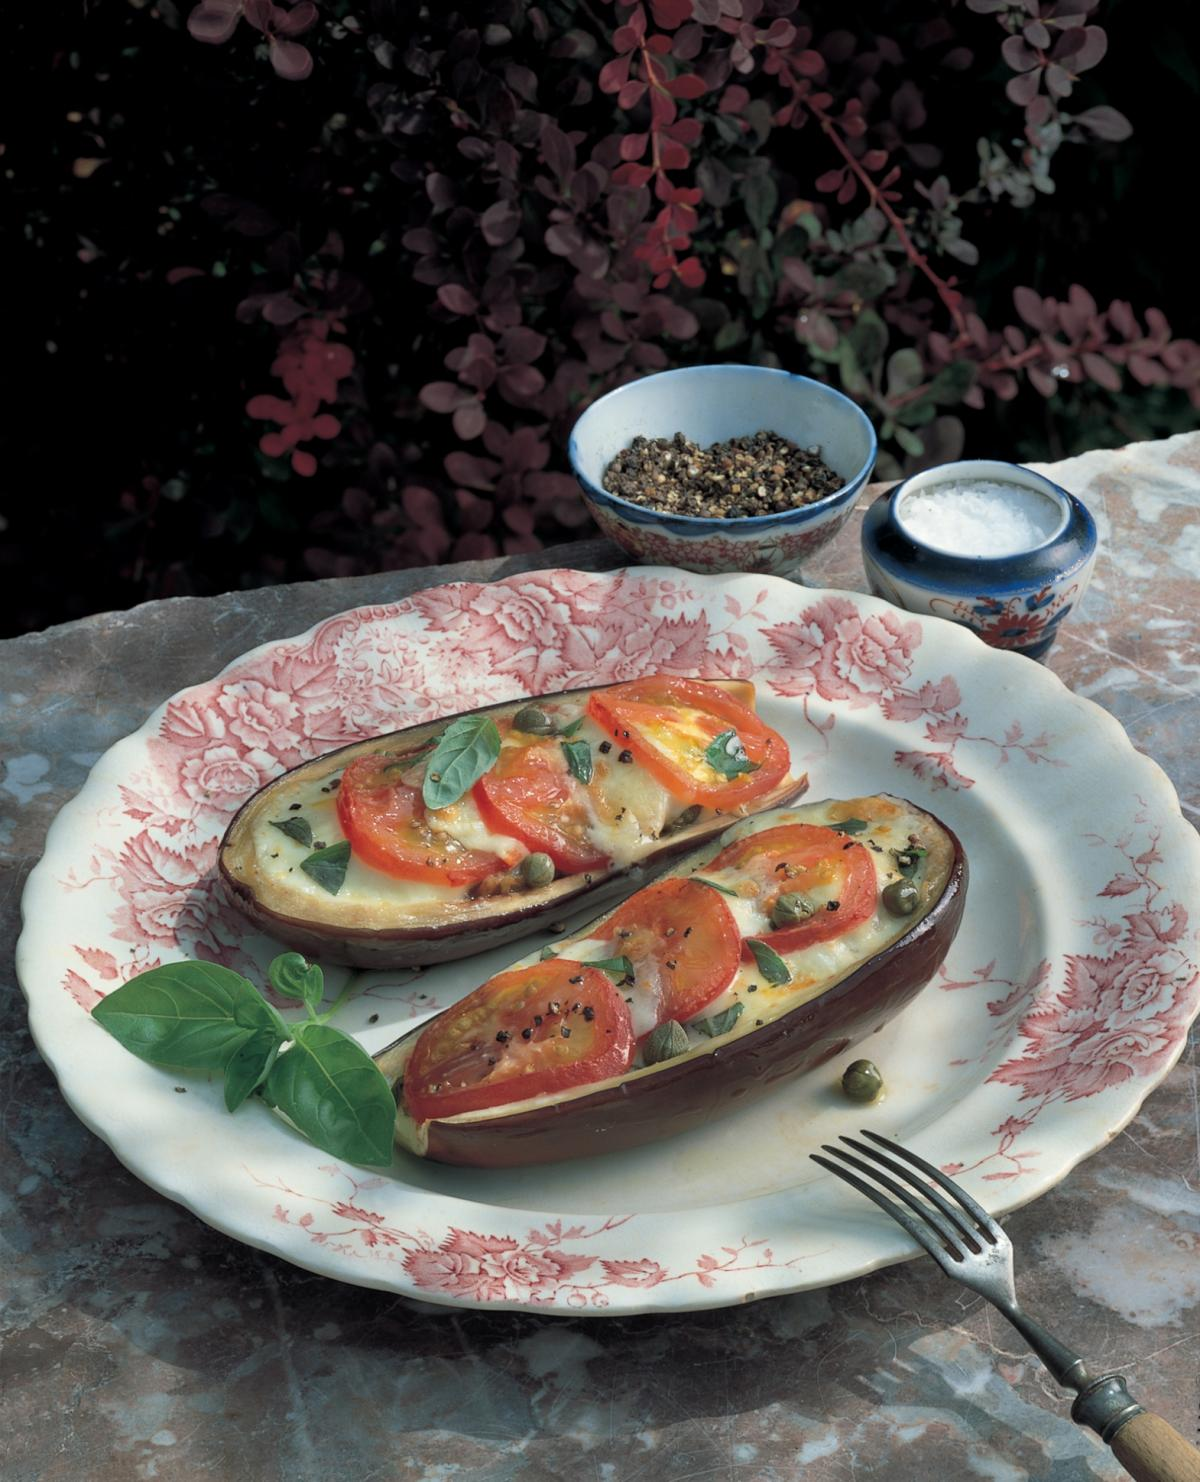 A picture of Delia's Aubergines recipes